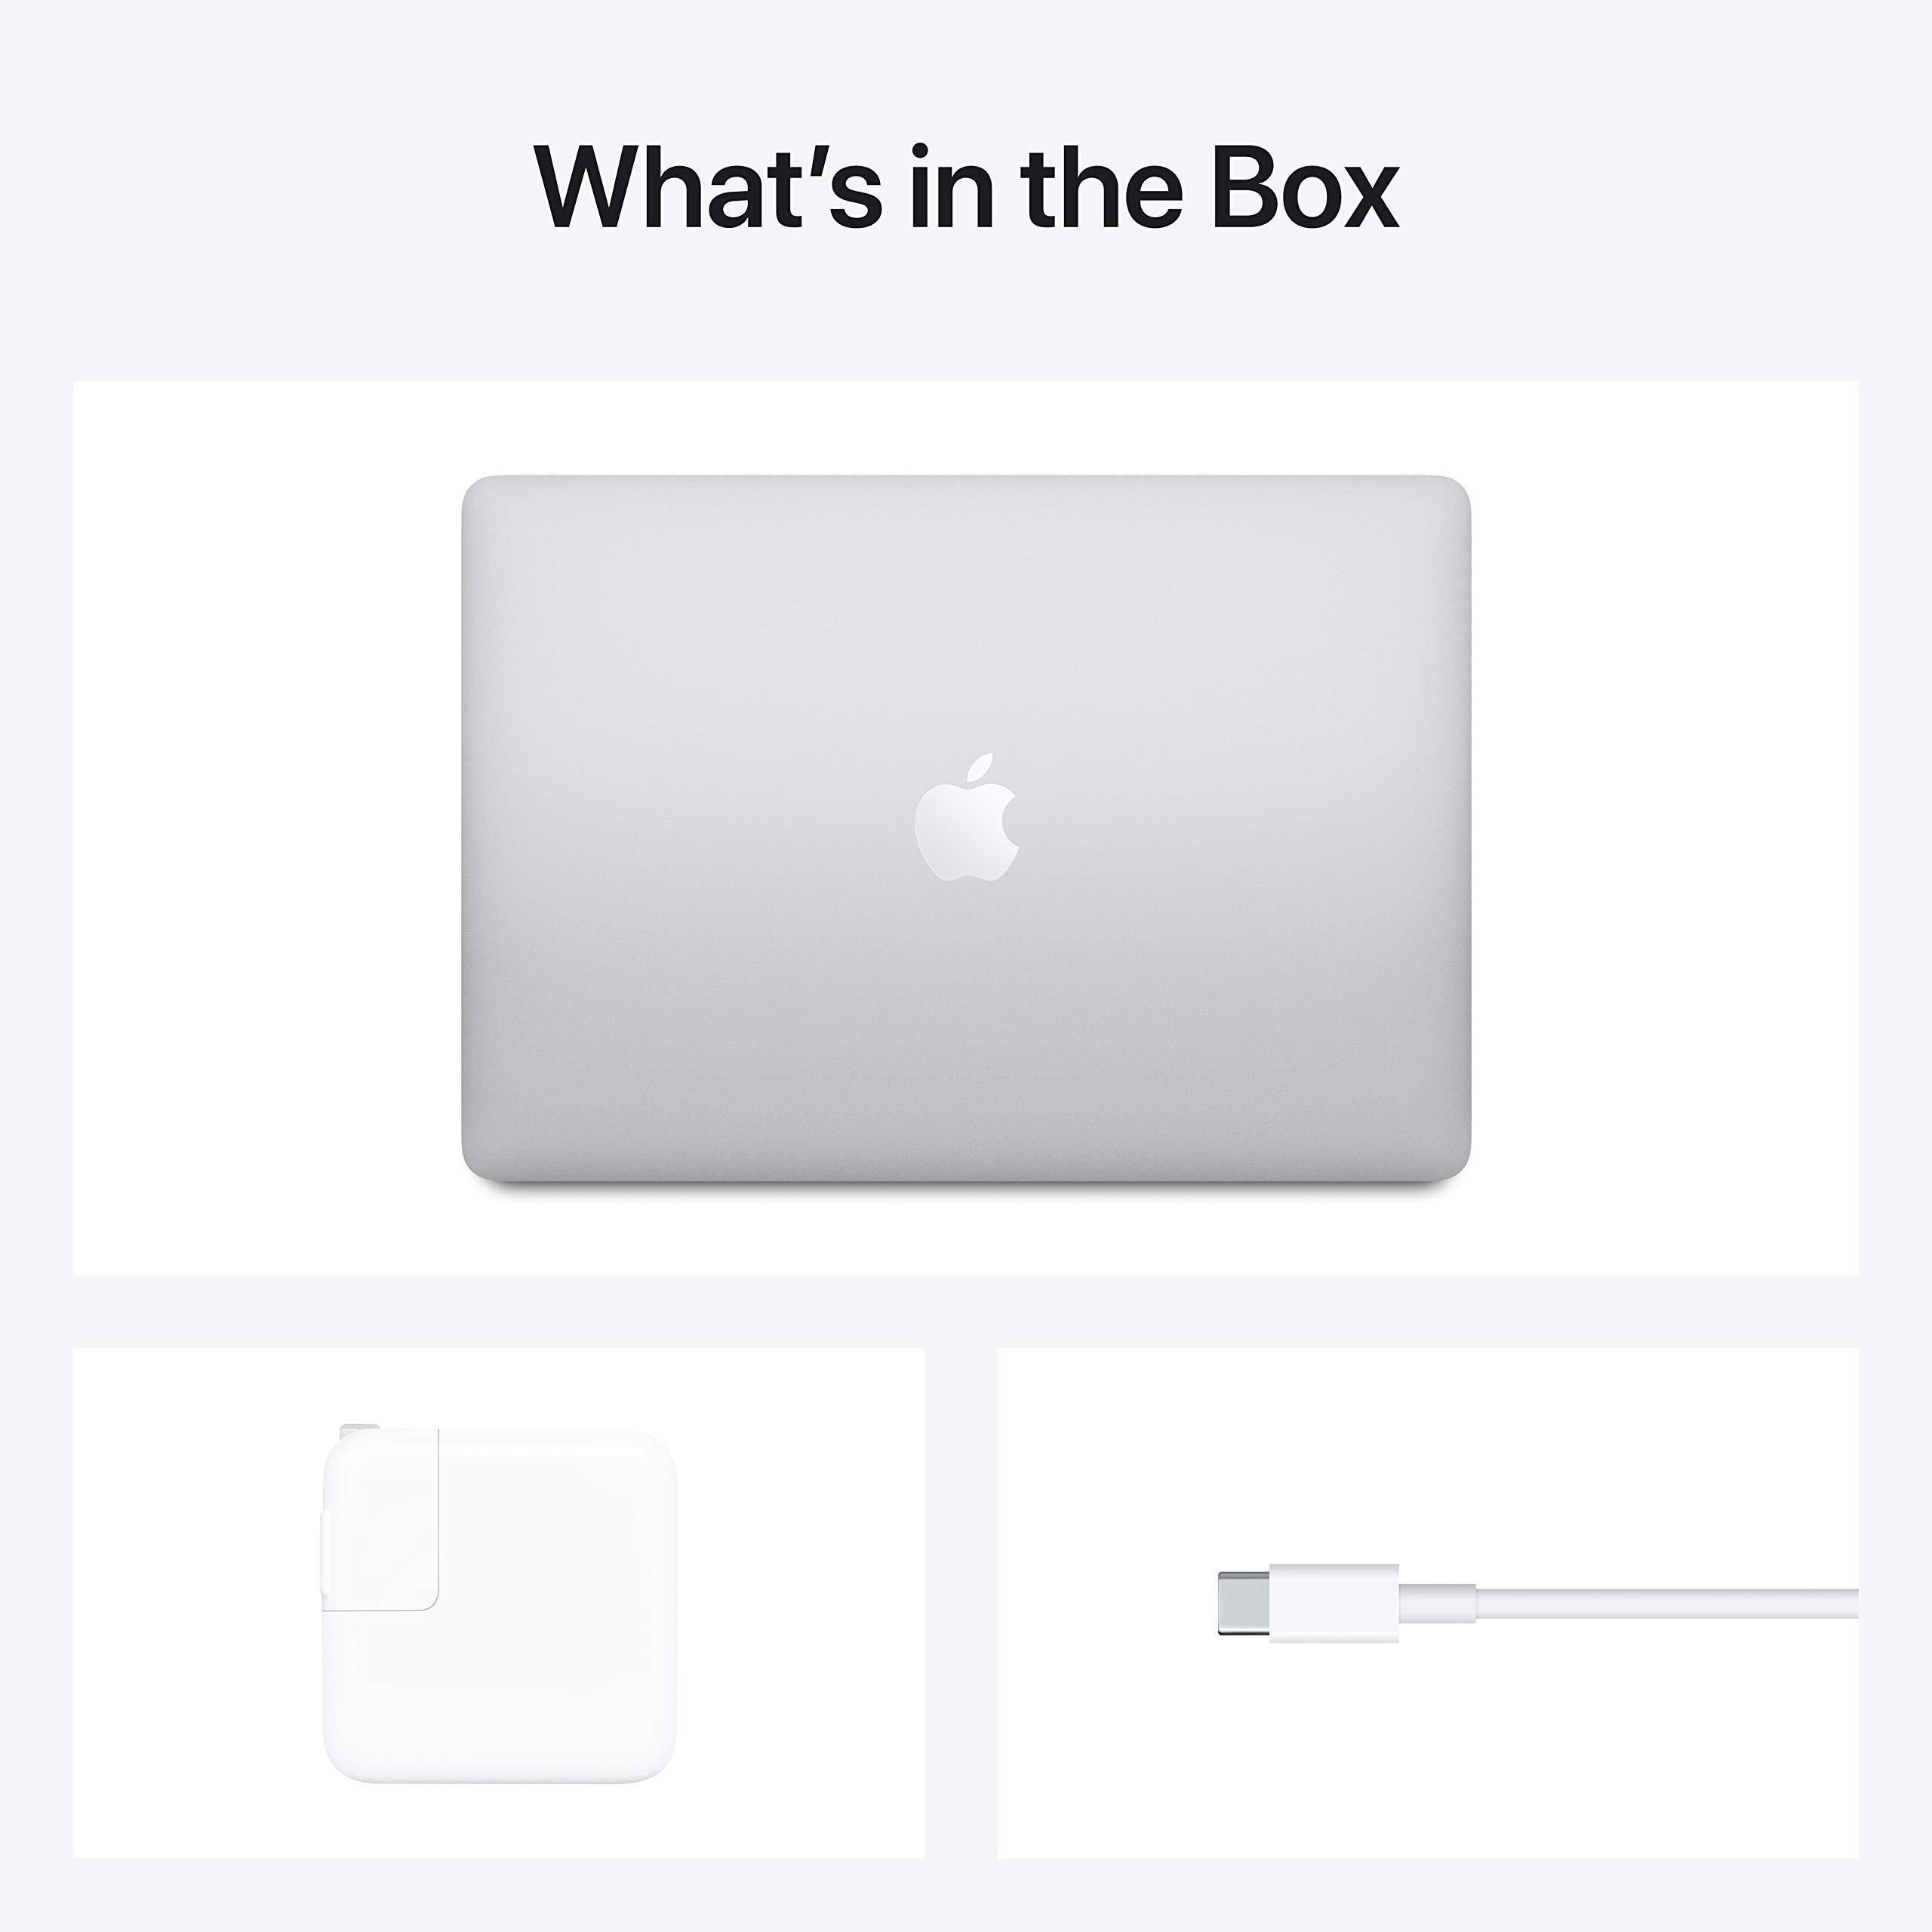 Nuevo Apple MacBook Air con chip Apple M1 (13 pulgadas, 8 GB de RAM, 256 GB de almacenamiento SSD) - Plata (último modelo)